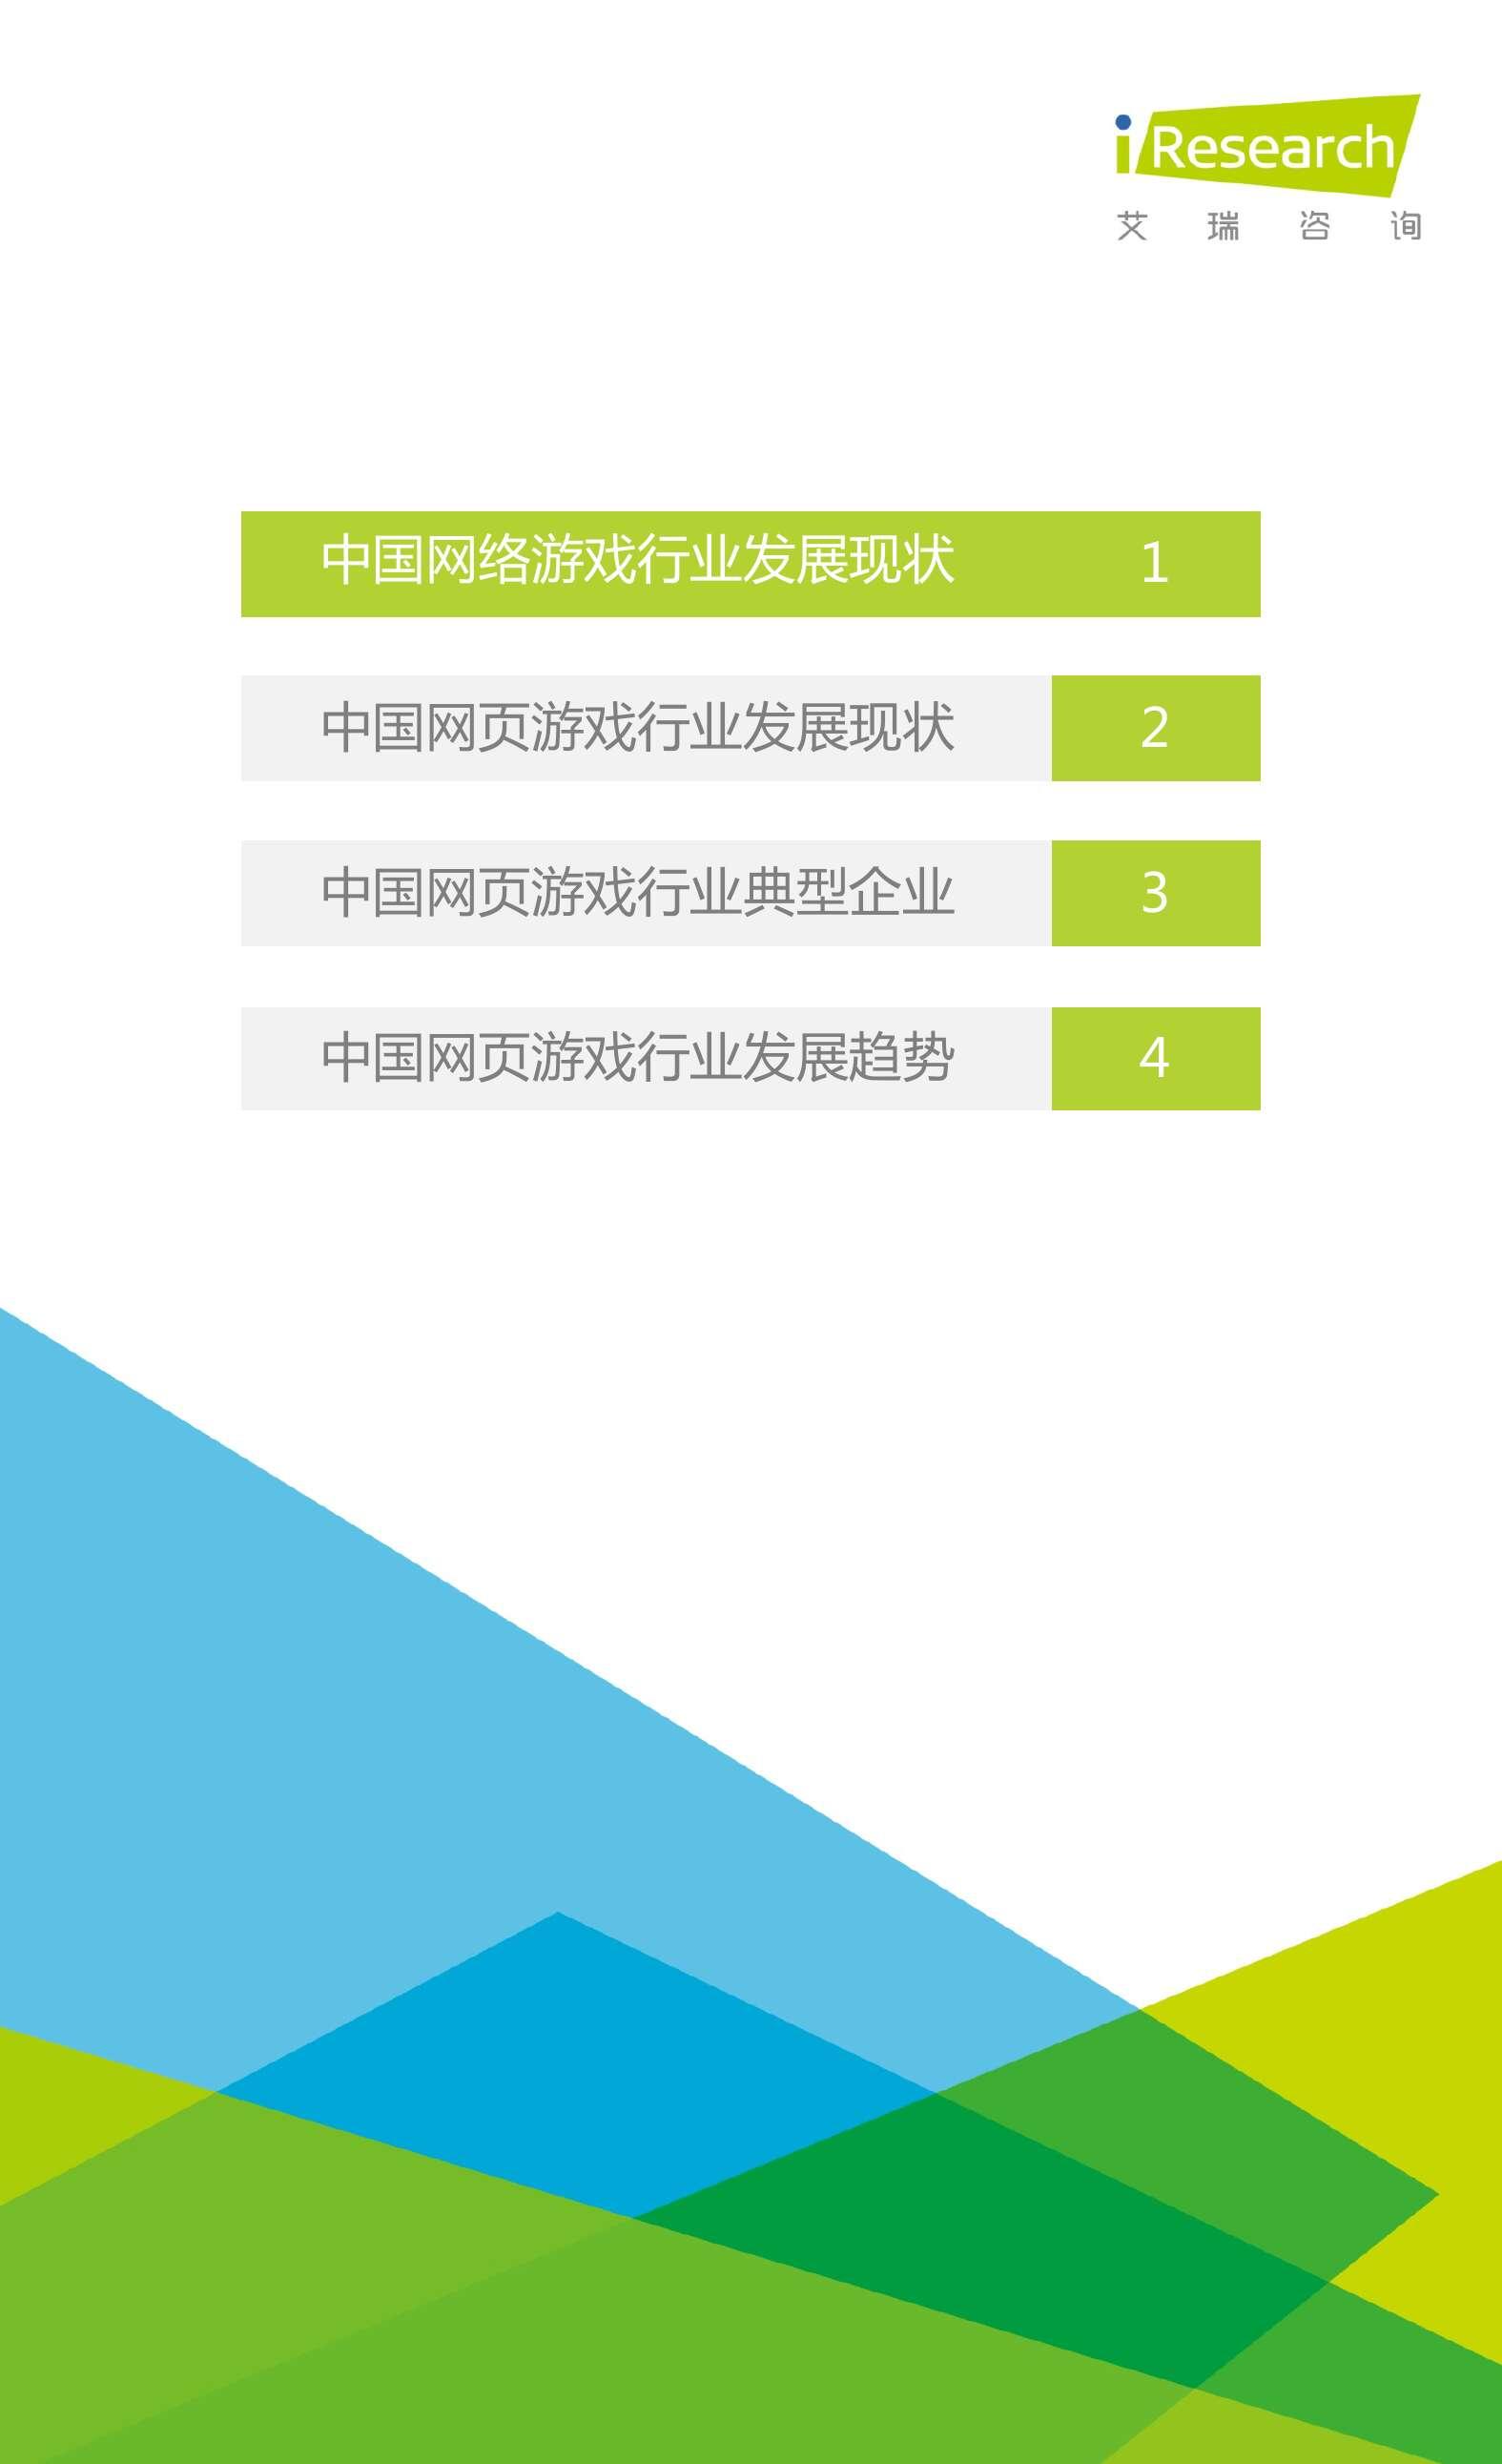 2016年中国网页游戏行业研究报告_000004